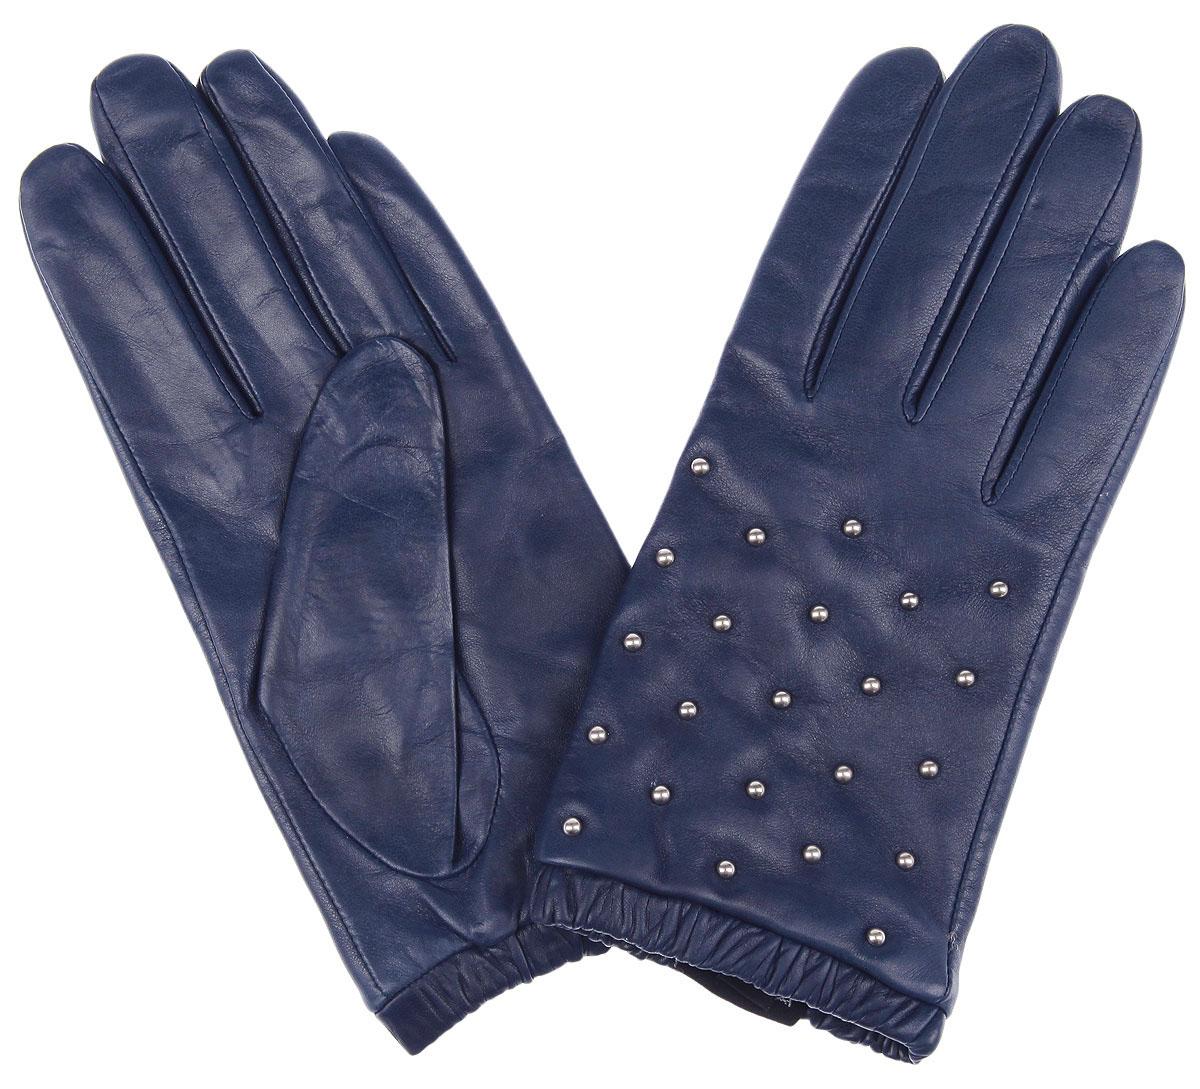 Перчатки женские. 2.652.65-1 blackМодные женские перчатки Fabretti выполнены из кожи эфиопского ягненка, а их подкладка - из шерсти с добавлением кашемира. Лицевая сторона украшена металлическими хольнитенами. Манжеты оснащены эластичными резинками для оптимальной посадки модели на руке. Перчатки станут завершающим и подчеркивающим элементом вашего стиля и неповторимости.